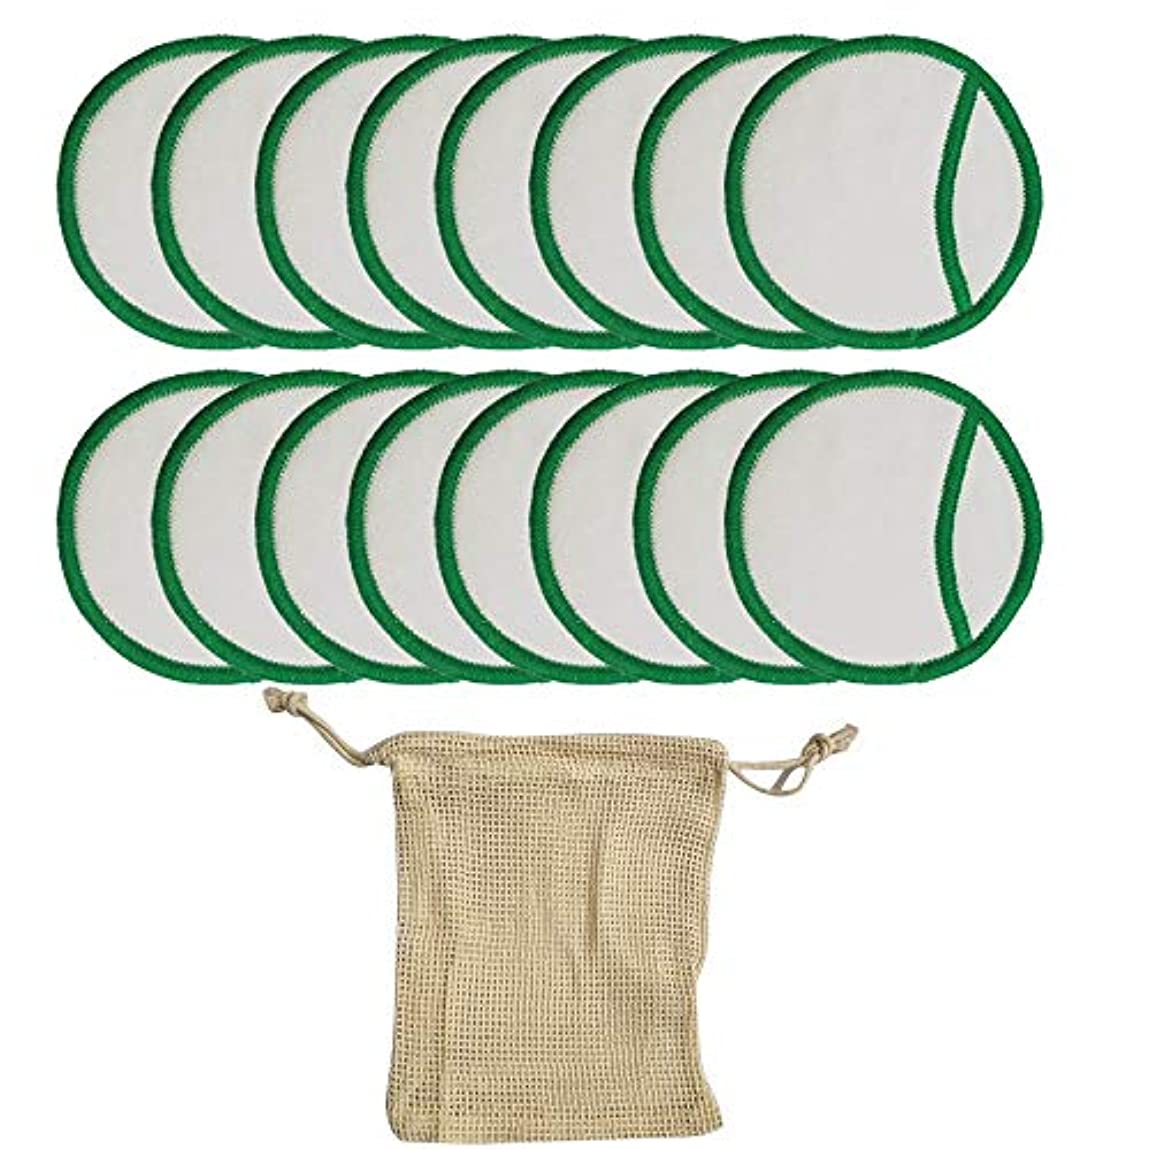 宇宙の人口コーラス16pcsメイクアップリムーバーパッド再利用可能な洗濯可能な3層竹フェイシャルクレンジングコットンワイプスキンケア用品用収納バッグ付き